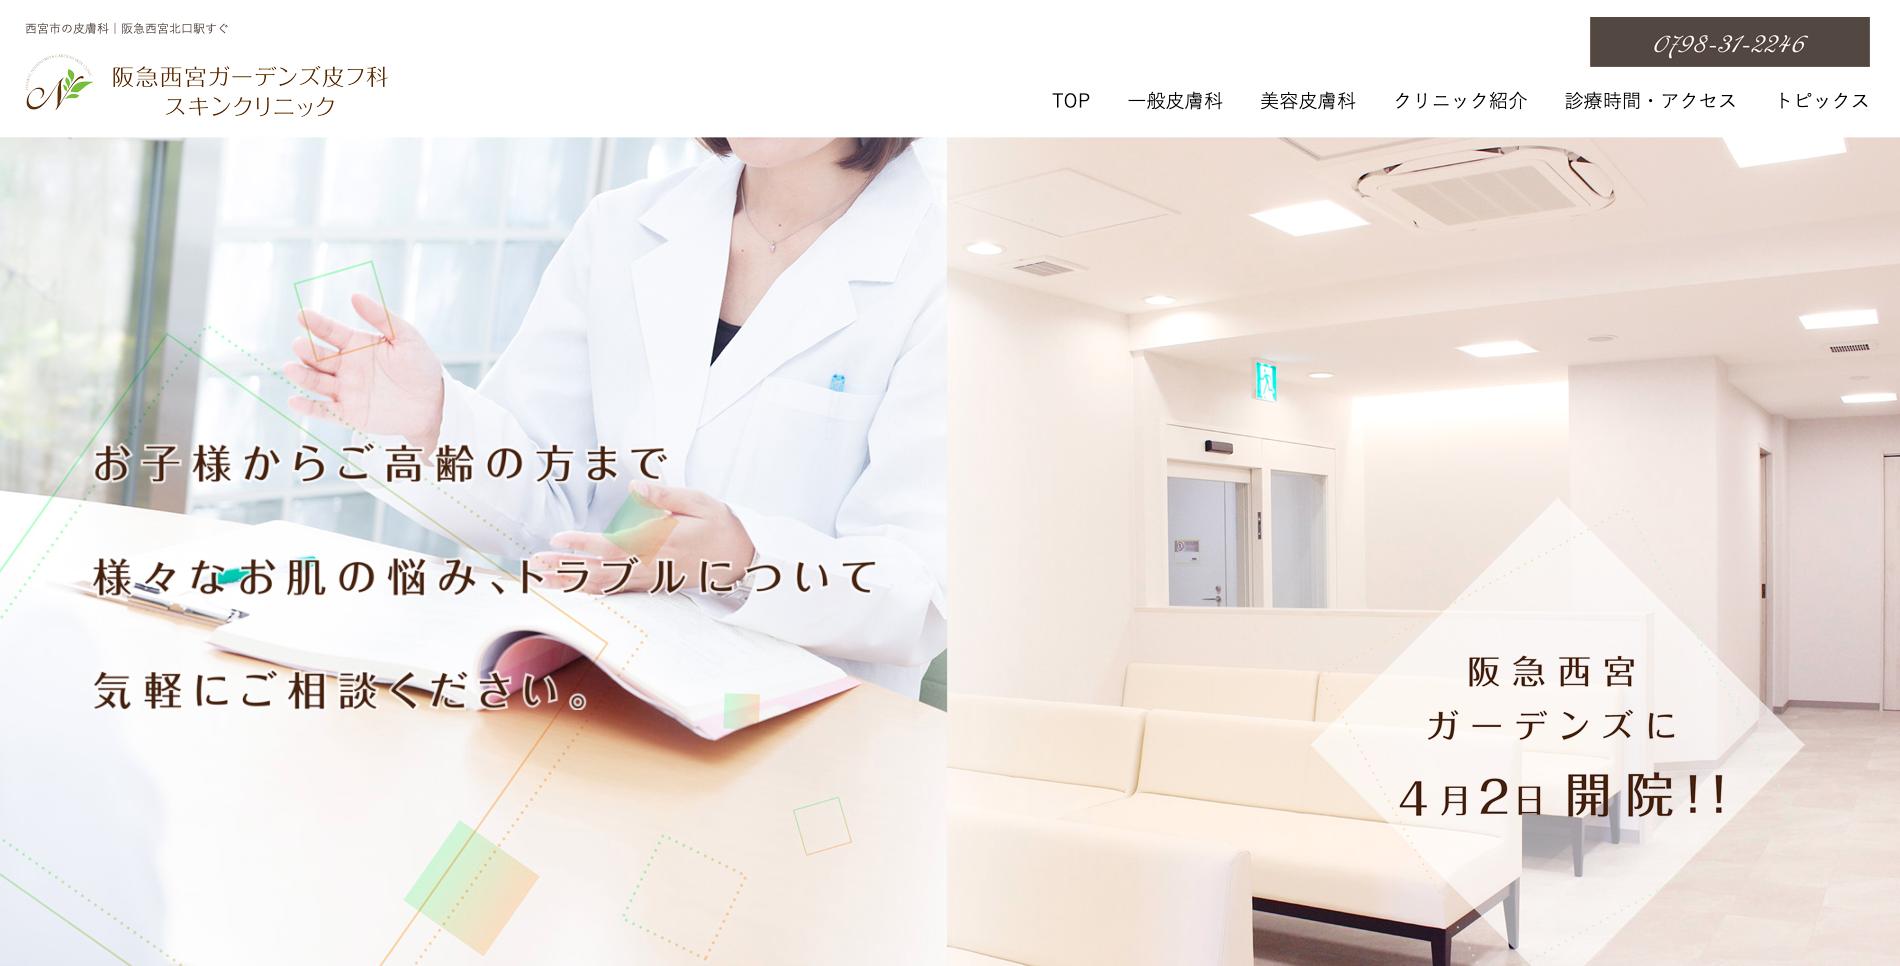 阪急西宮ガーデンズ皮フ科スキンクリニックホームページ